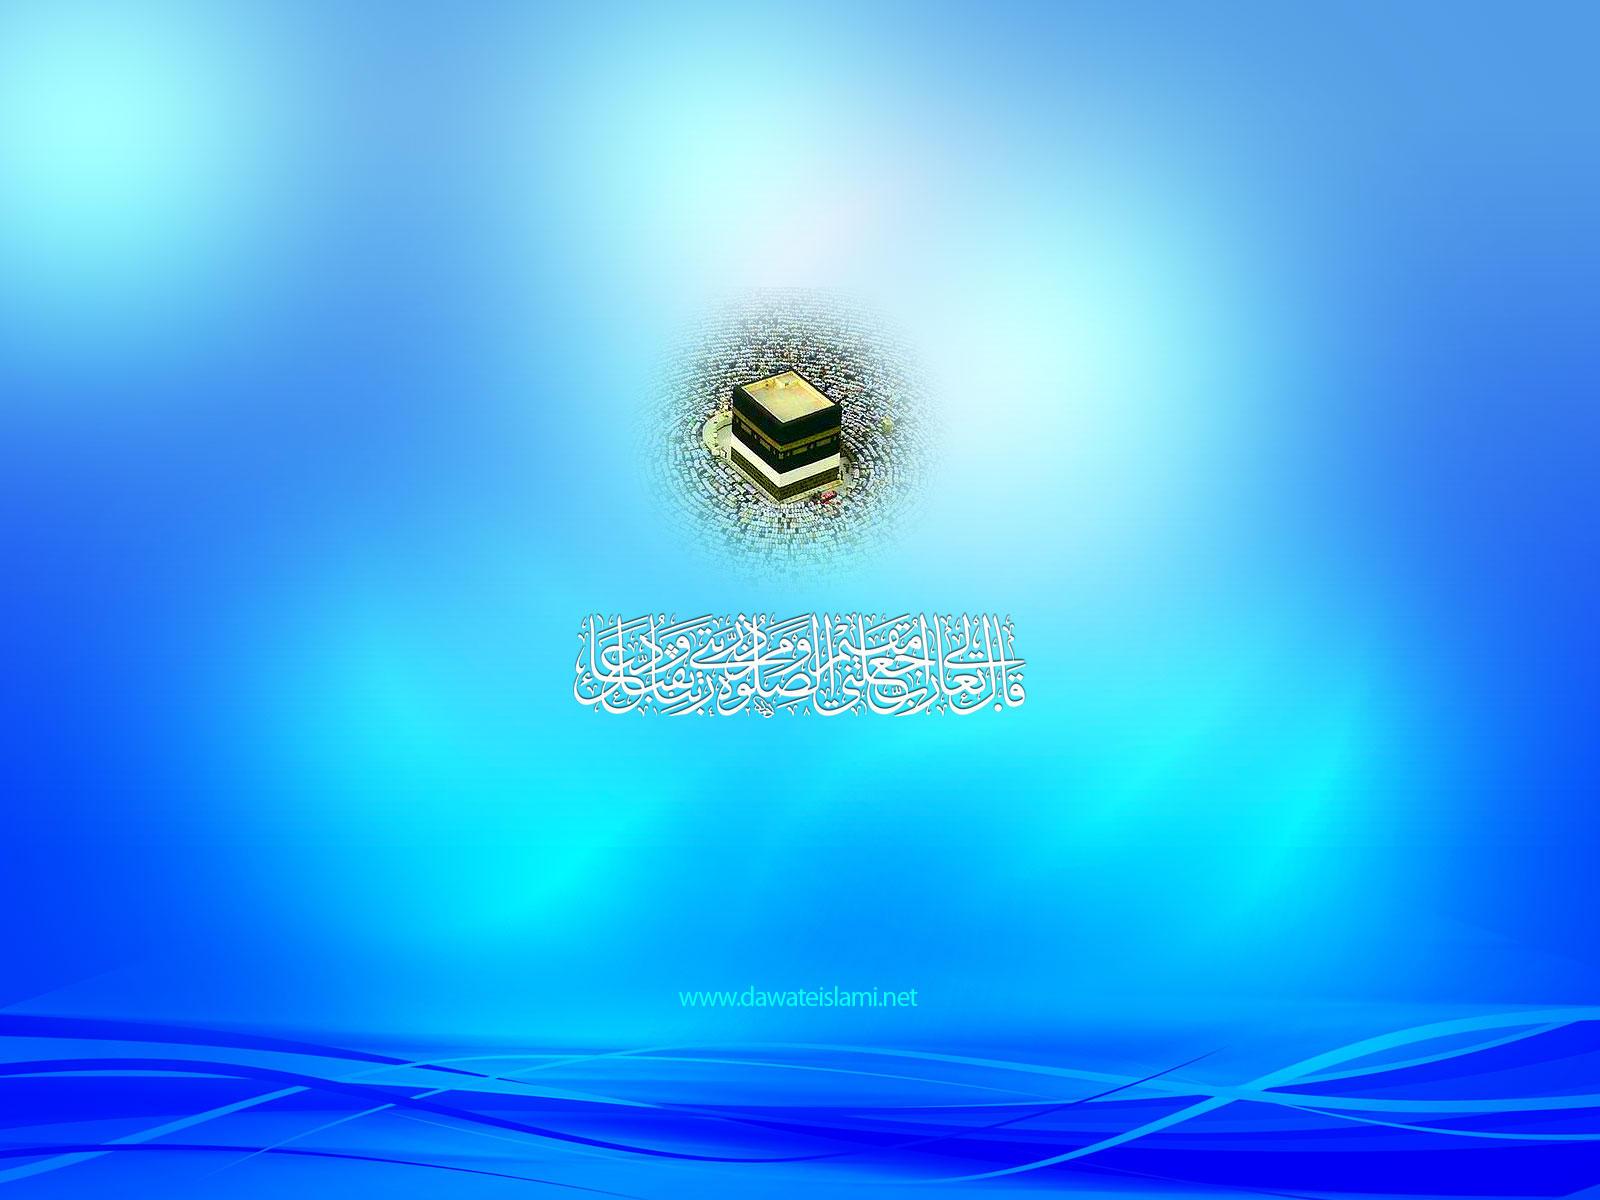 Hajj Images 13